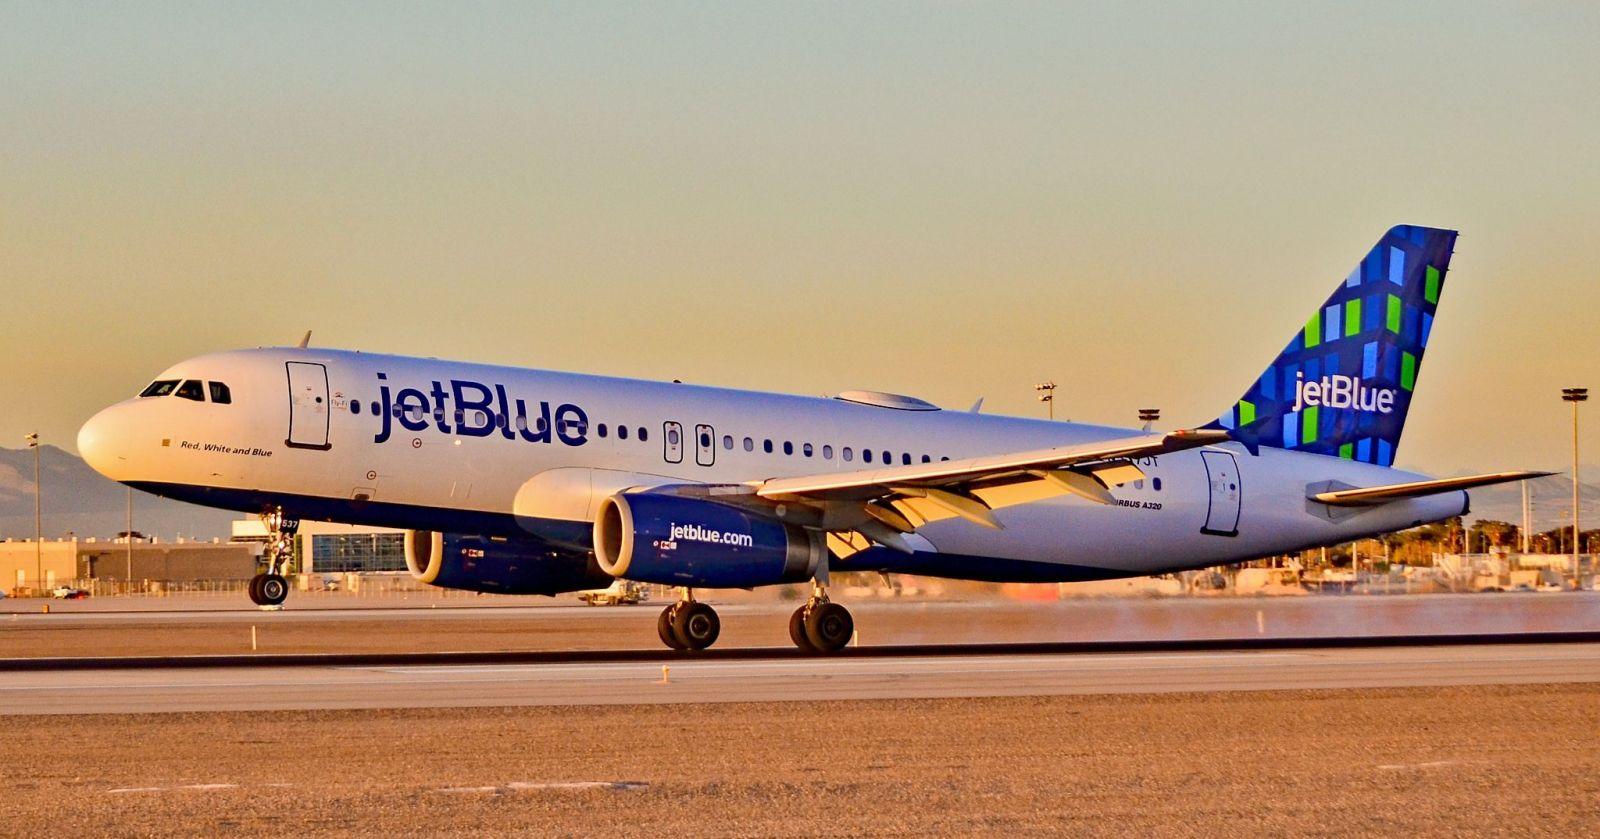 Smažte všechny příspěvky na Instagramu a vyhrajte rok létání zdarma, vyzývá letecká společnost JetBlue